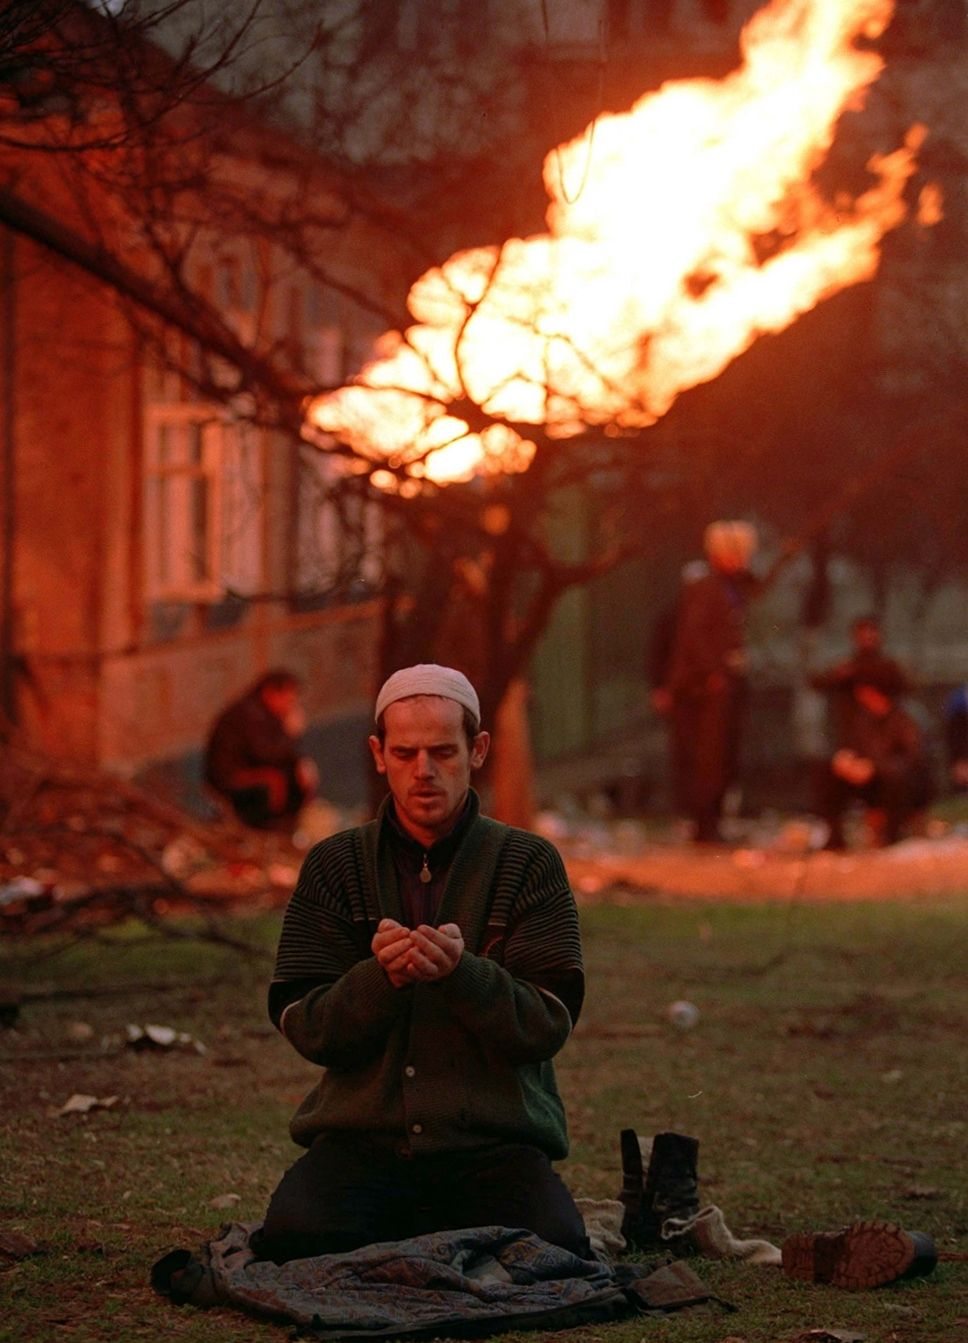 Czeczeńcy, sfrustrowani dwiema nieudanymi wojnami o niepodległość przeciw Rosji, chętnie stają po stronie ISIS i są cenionymi bojownikami. Na zdjęciu modlitwa Czeczena podczas bitwy o Grozny (fot. Mikhail Evstafiev, lic. CC BY-SA 3.0).